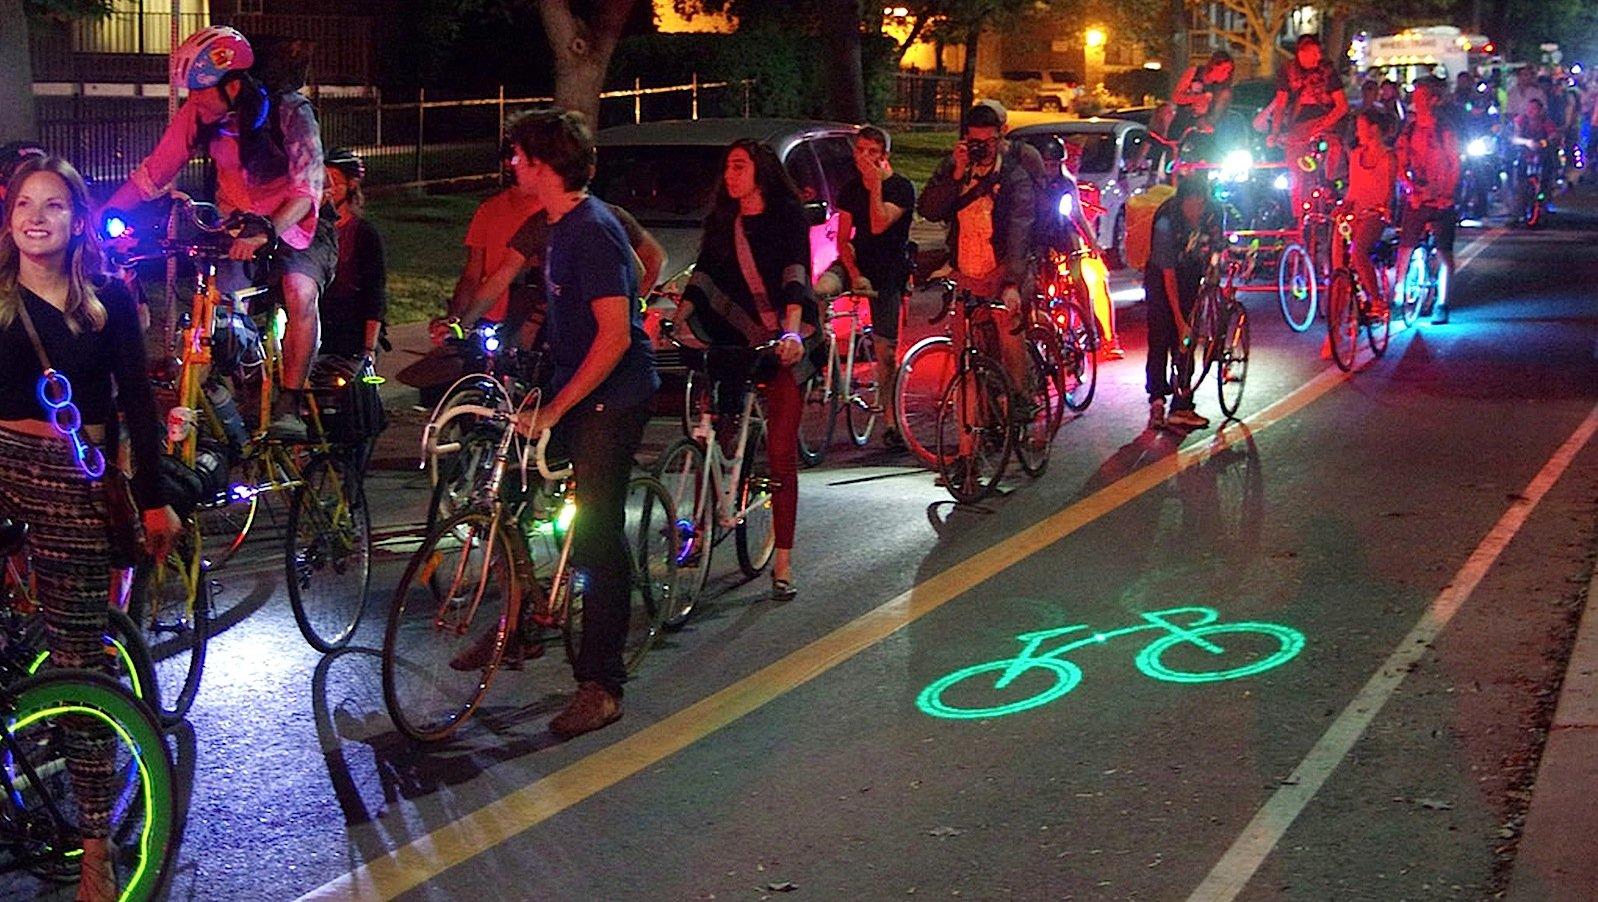 Großes Sicherheitsplus: DasBlaze Laserlight wirftein grün leuchtendes Fahrradsymbol sechs Meter vor dem Vorderrad auf die Straße. So kann der Radler auch von Bus- und Lastwagenfahrern erkannt werden, wenn er sich im toten Winkel ihrer Fahrzeuge befindet. Das zumindest im Dunkeln deutlich sichtbare Radsymbol auf dem Asphalt kündigt Radfahrer aber auch um die Ecke und in anderen Situationen an, in denen sie für andere Verkehrsteilnehmer (noch) unsichtbar sind.